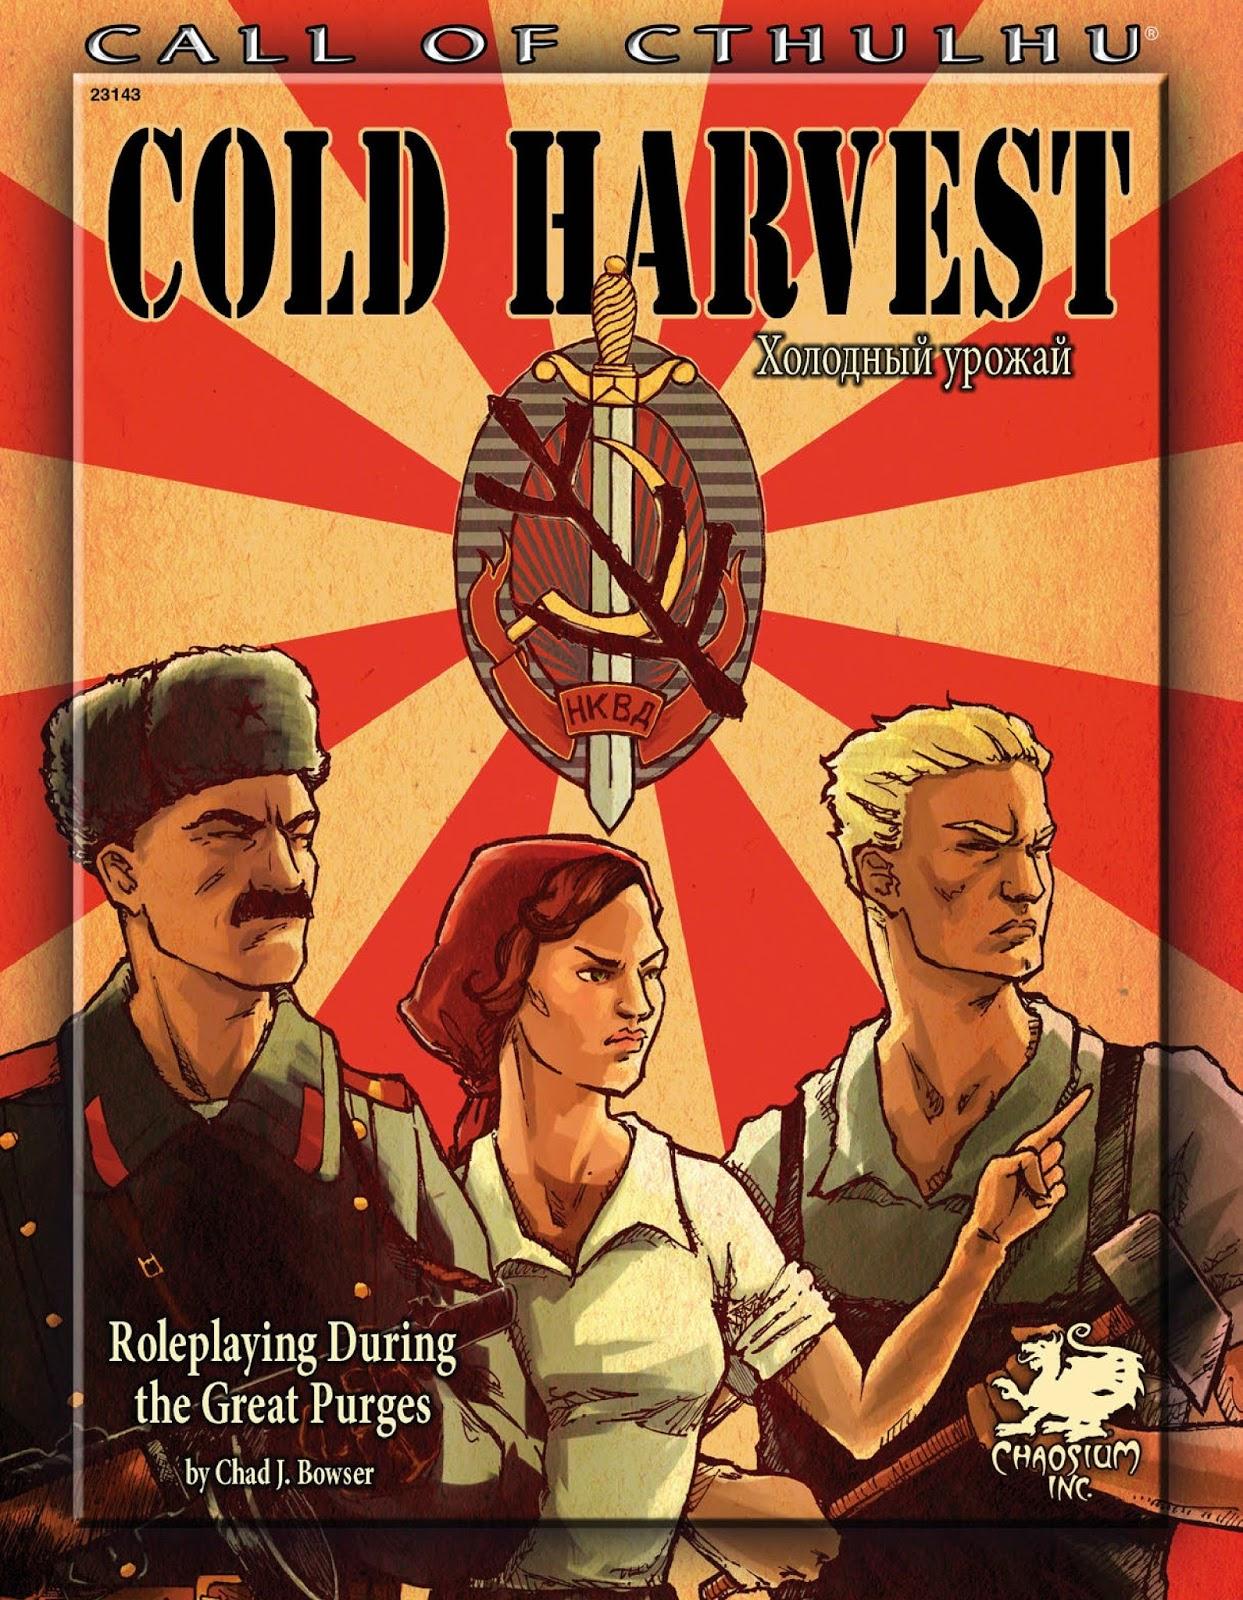 http://www.susurrosdesdelaoscuridad.com/2014/11/cold-harvest.html